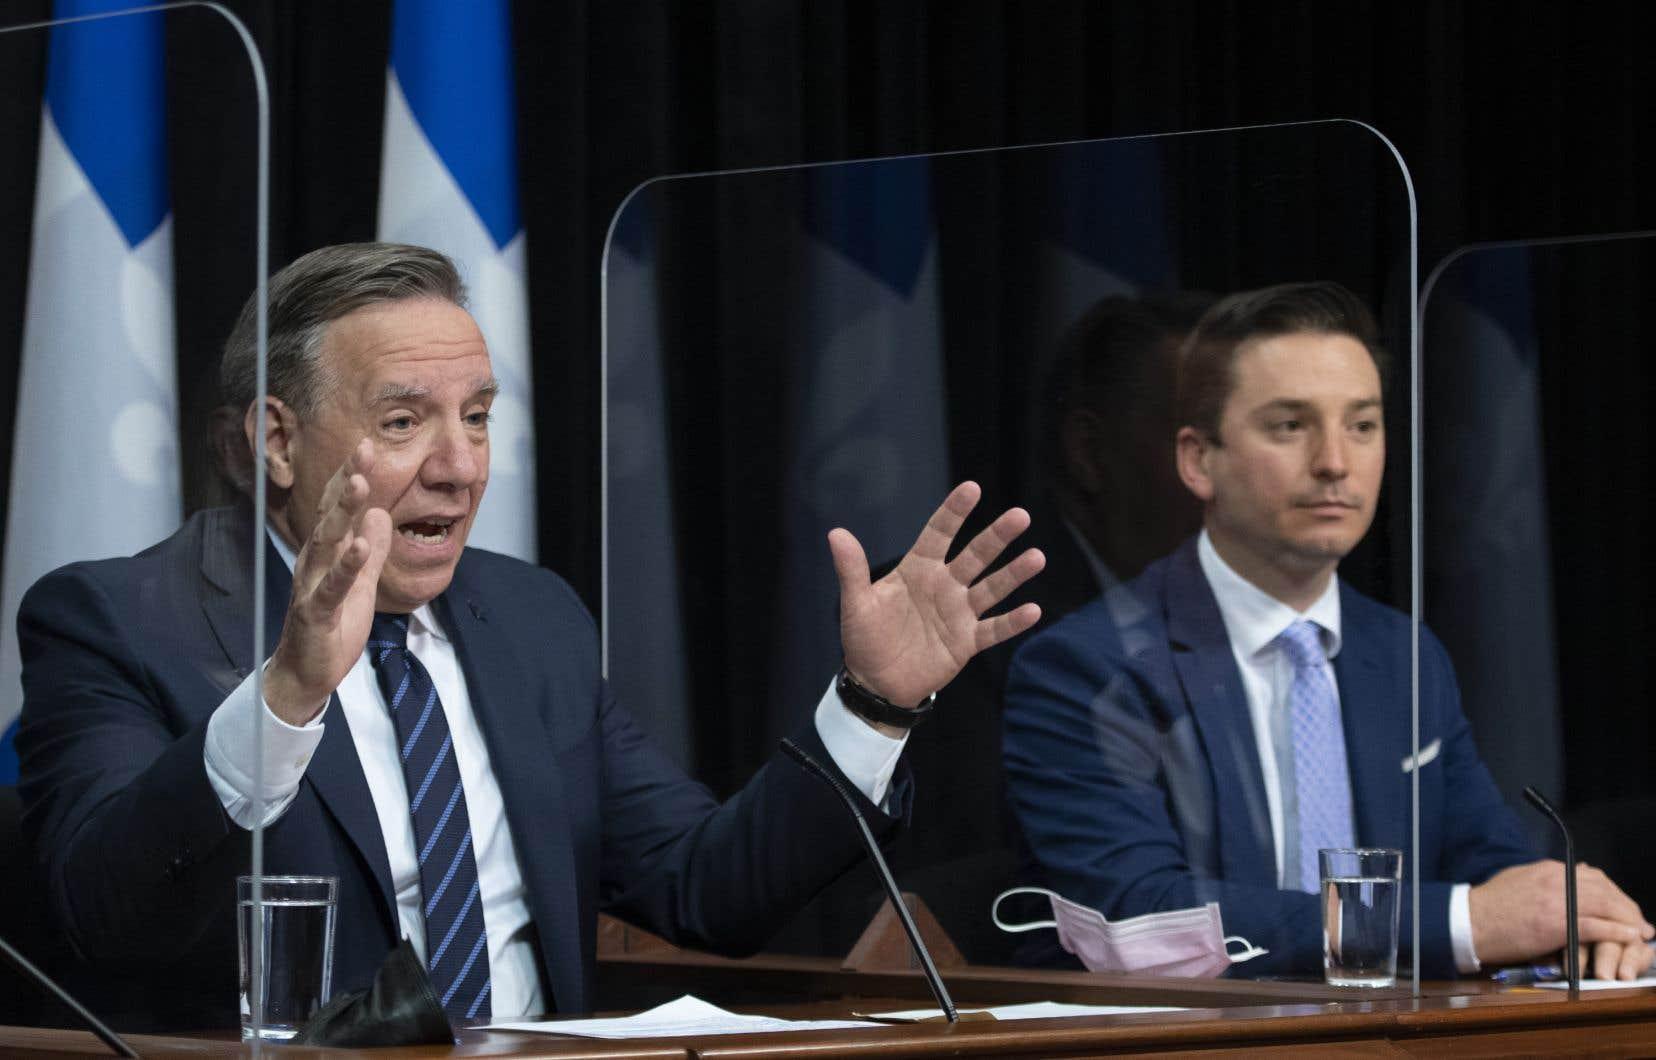 La proposition du gouvernement québécois, telle que contenue dans son projet de loi 96, n'entraîne pas l'adhésion du Québec au rapatriement de 1982, souligne l'auteur.